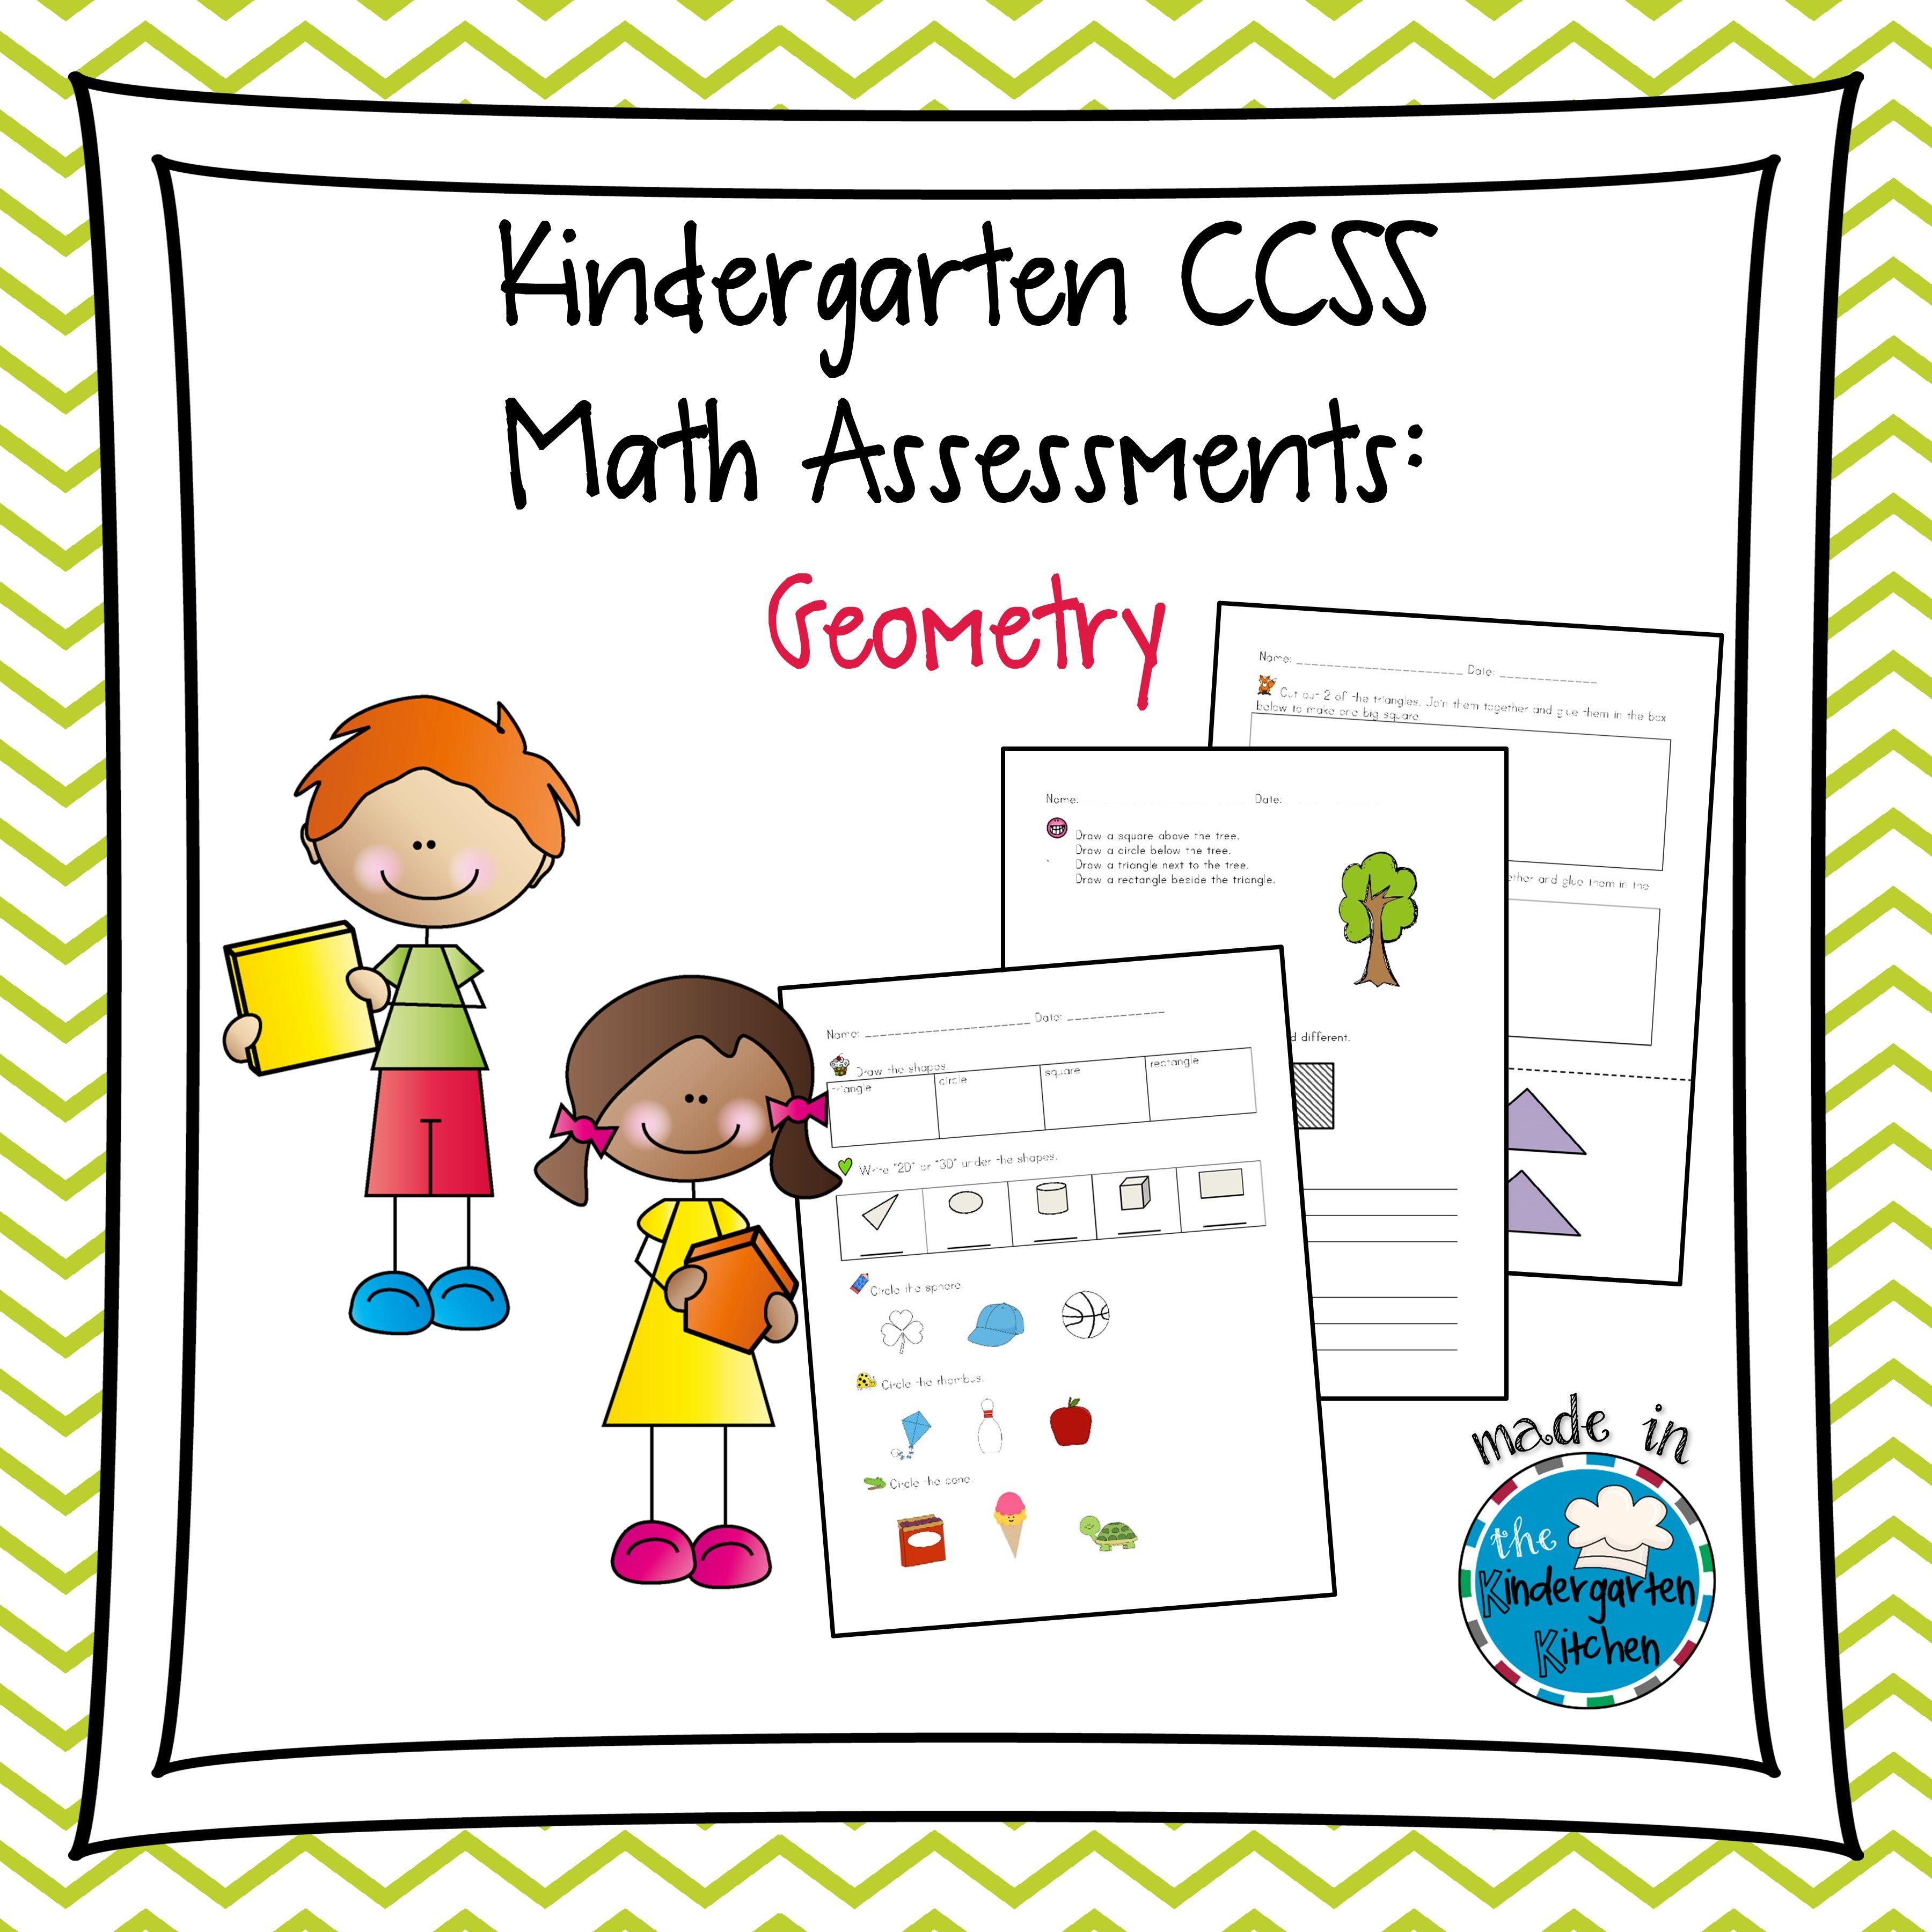 Kindergarten Ccss Math Assessments Geometry